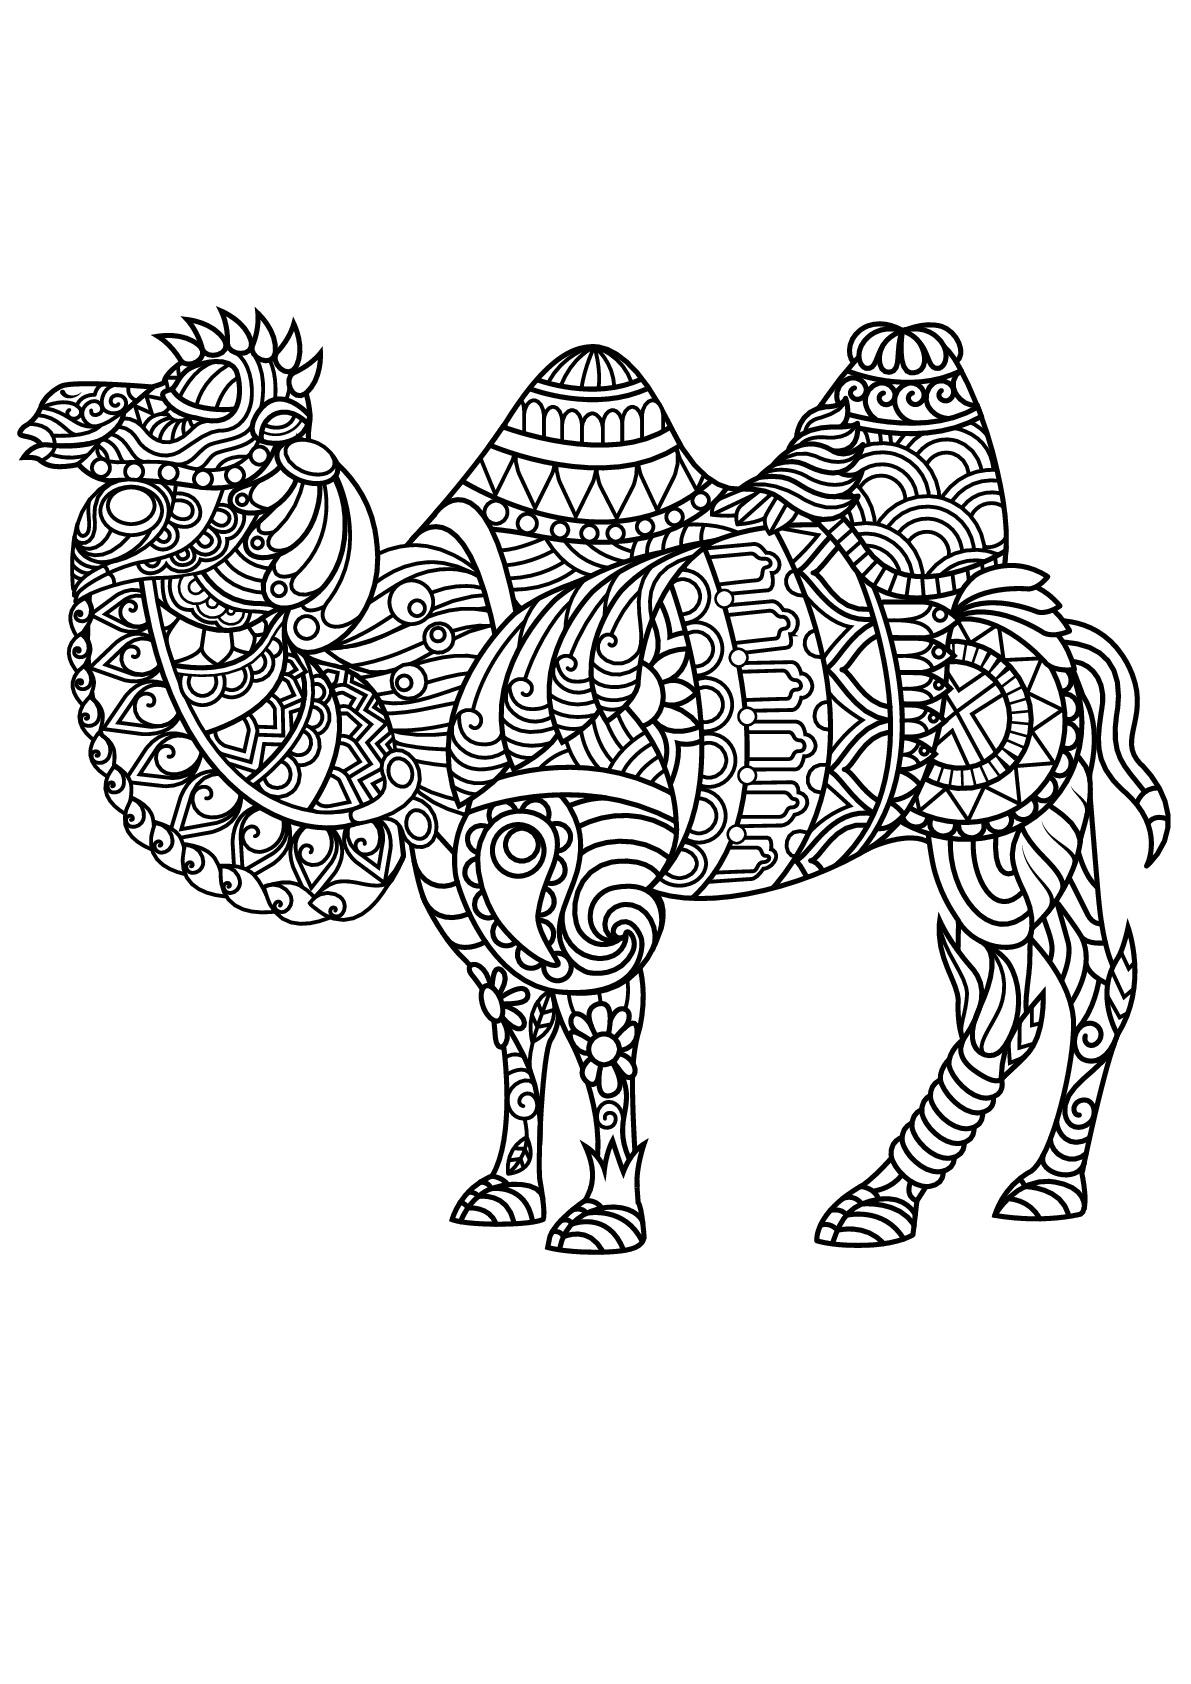 Colorear para adultos : Camellos - 1